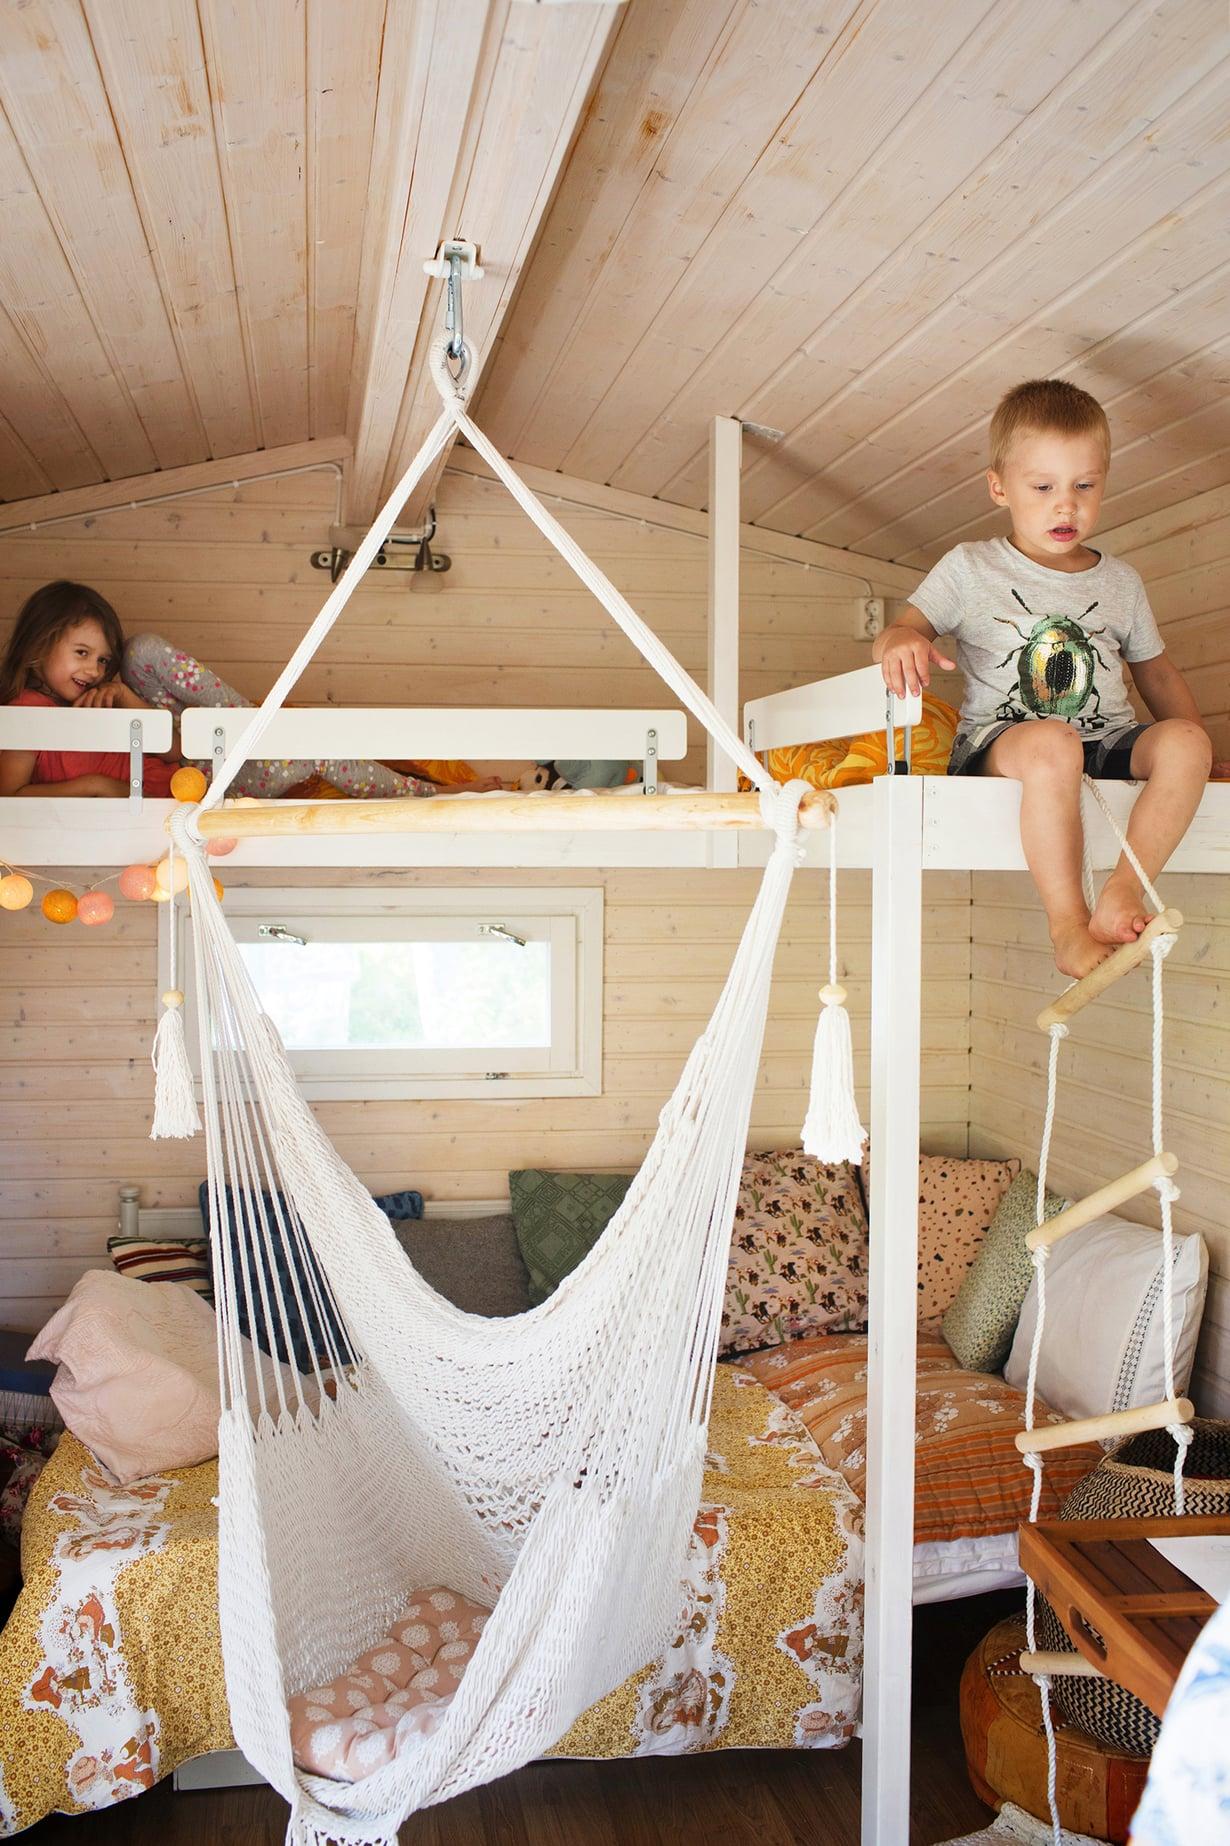 Lisätilaa parvella. Rebekka ja Ruben kiipeävät köysitikkaita parvelle nukkumaan. Pieni Rosalia ei osaa vielä käyttää niitä eikä edes yritä isompien perään.